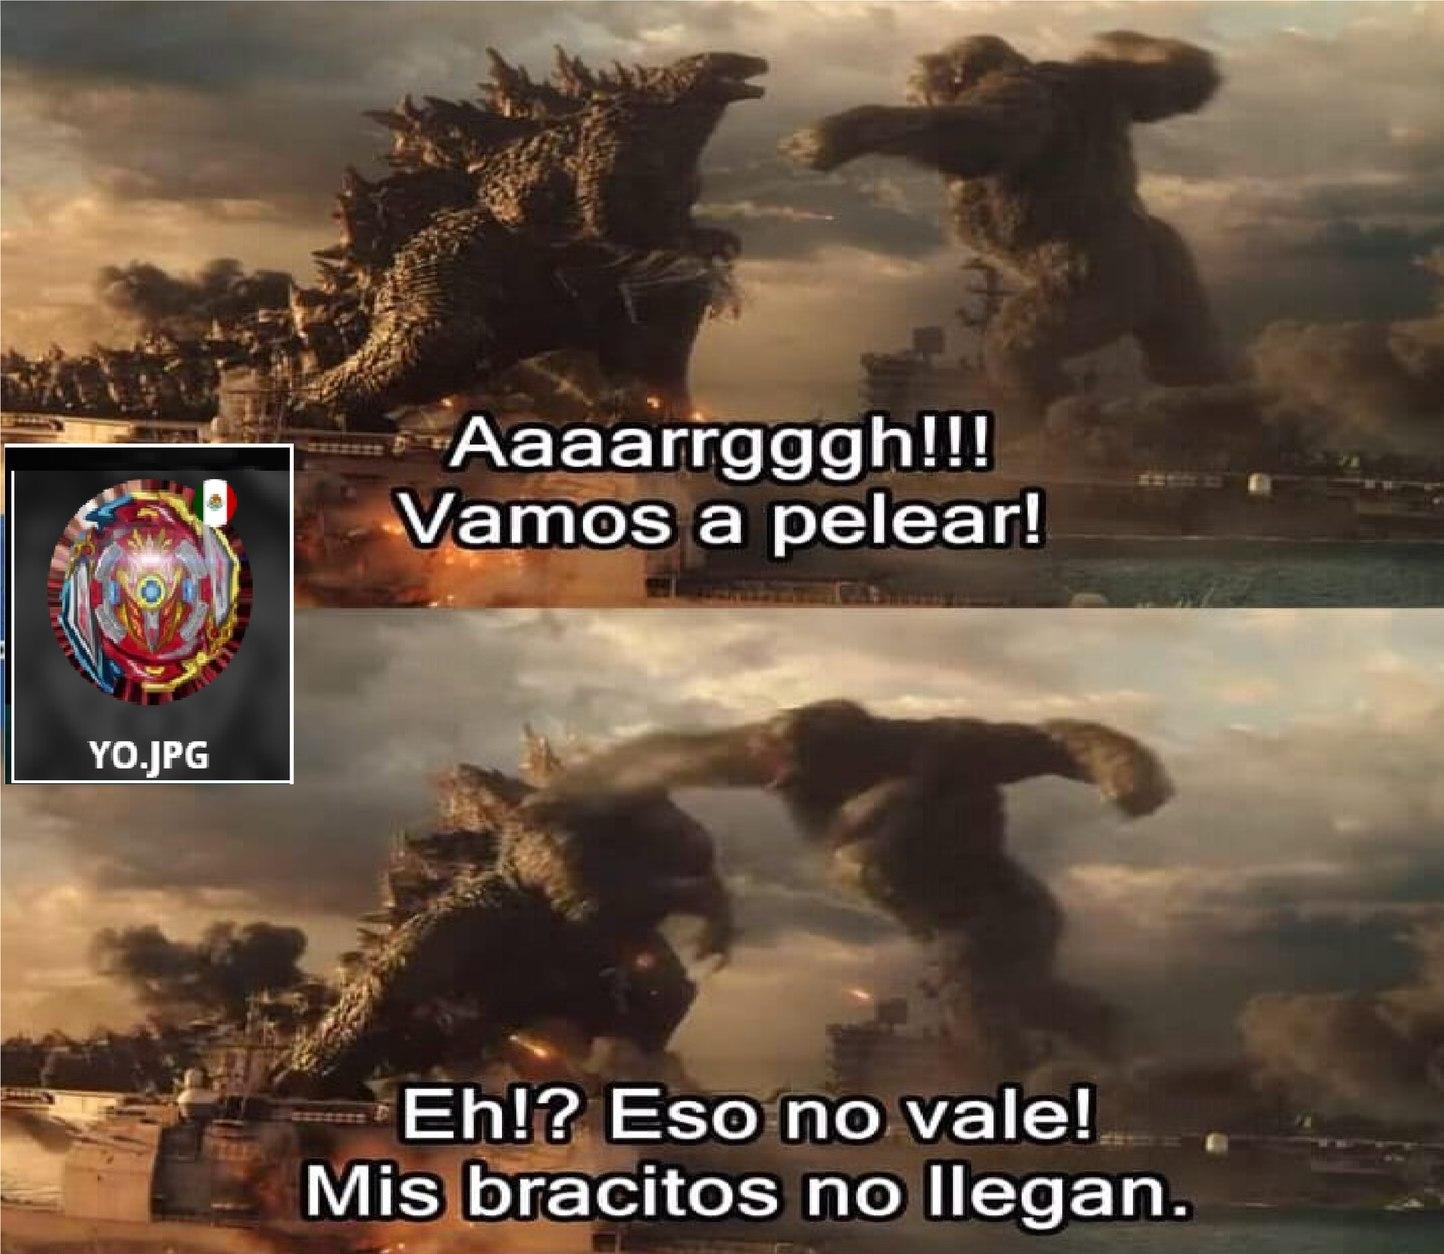 Godzilla Vs Kong Meme By Yo Jpg Memedroid